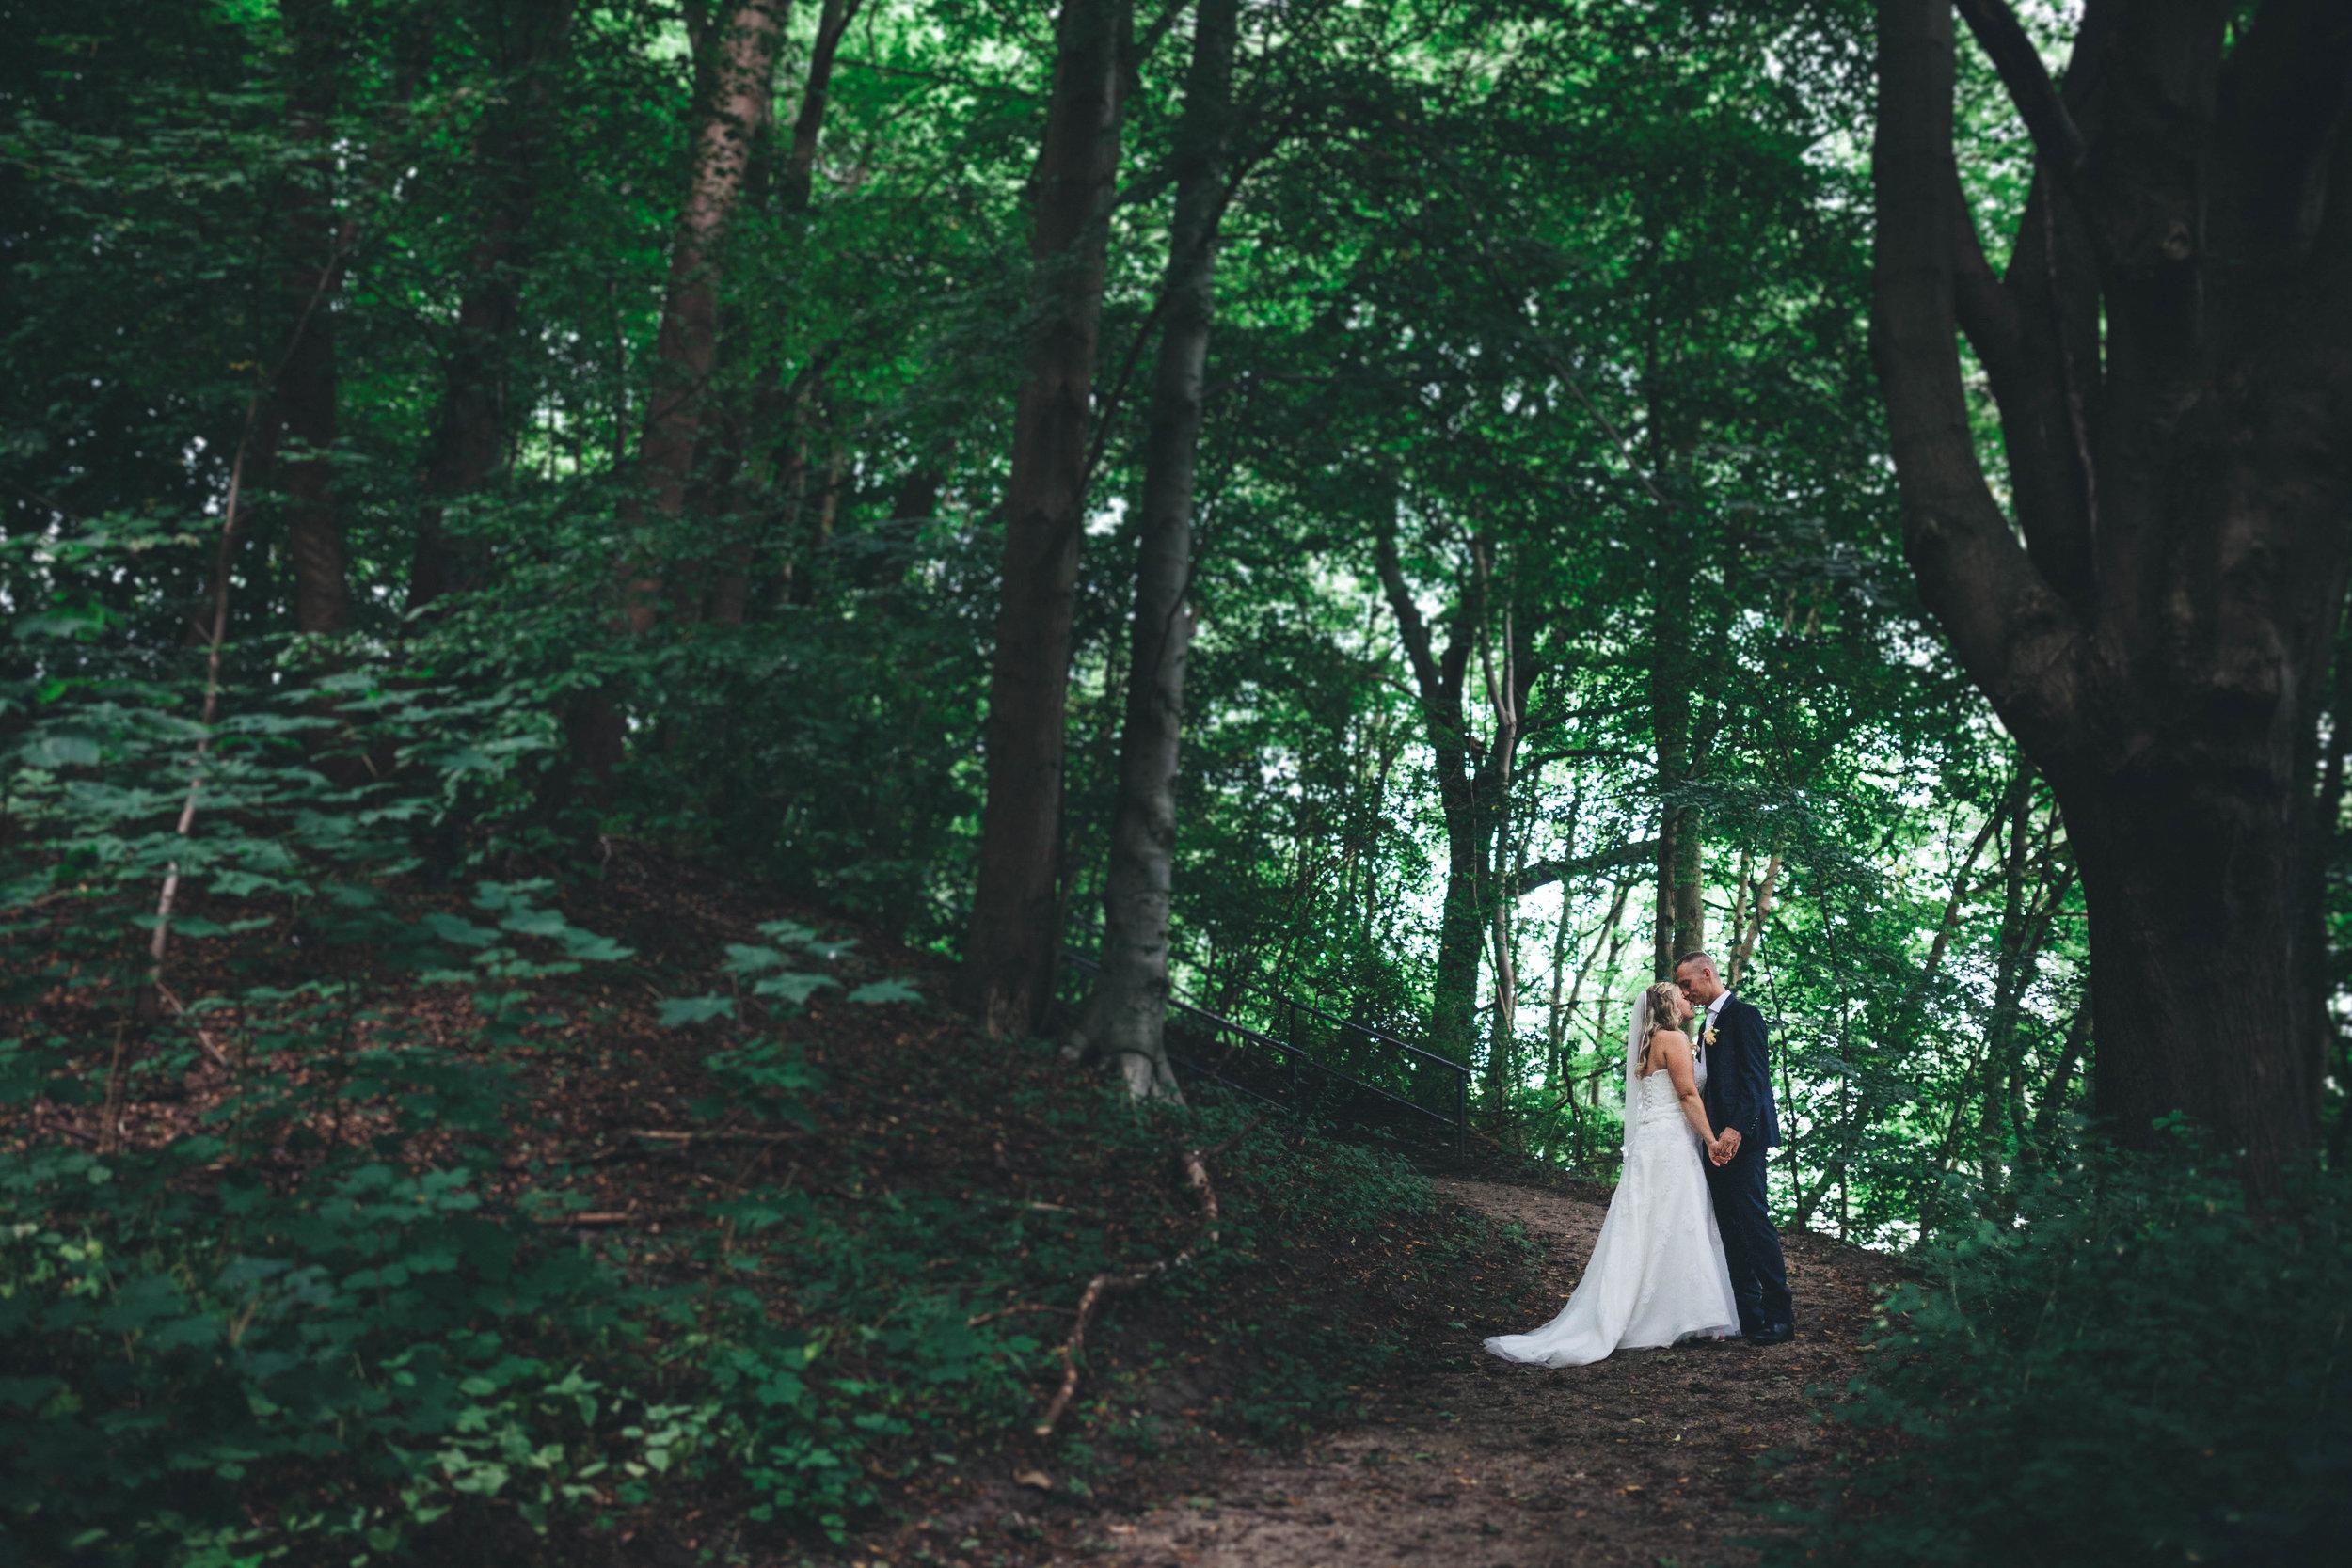 Ein hochzeitspaar steht in einem Wald mit großen Bäumen. Die halten sich fest und küssen sich. Das Portrait wurde während einer Hochzeit in der Seebar Kiel aufgenommen.